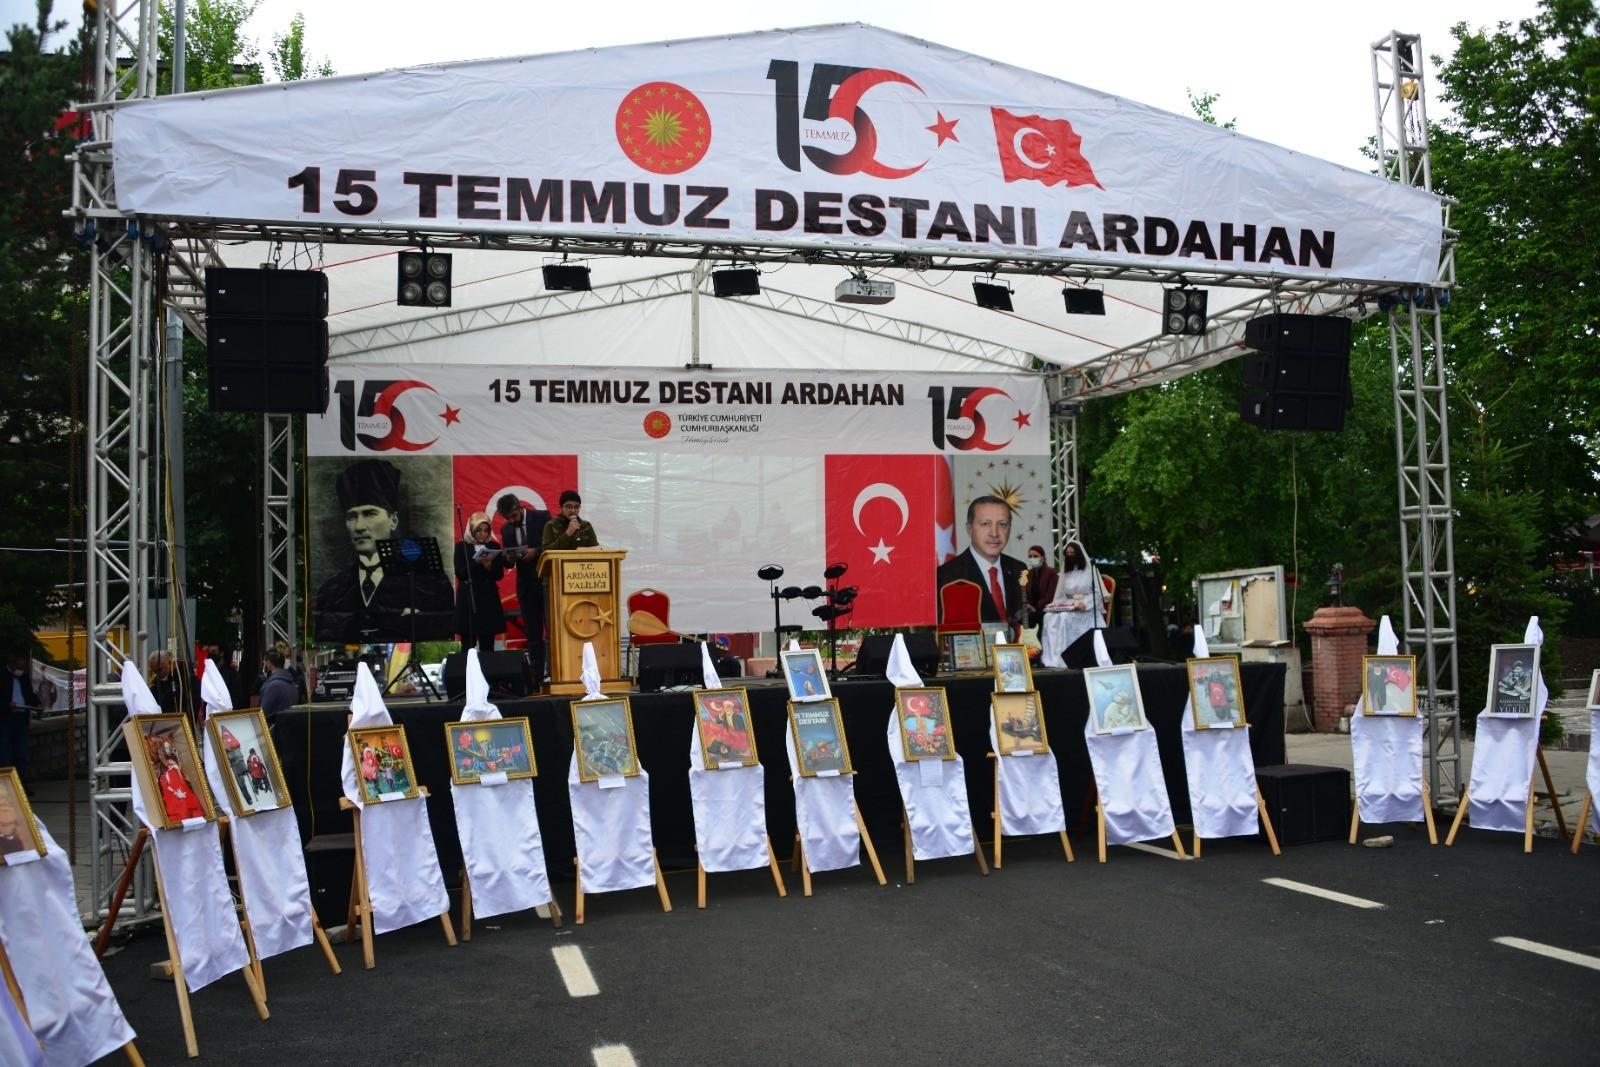 Ardahan'da 3 boyutlu 15 Temmuz resim sergisi